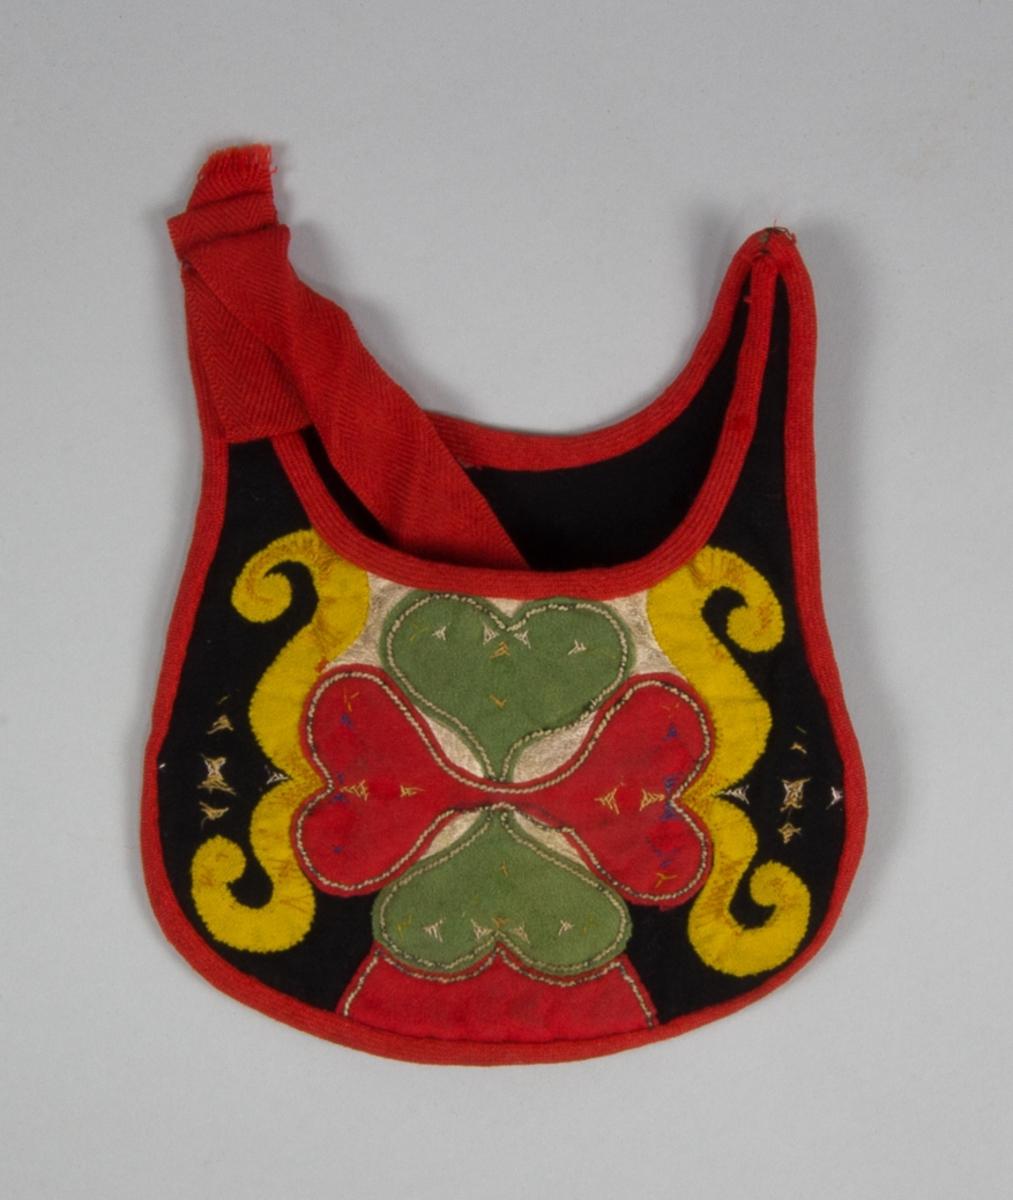 Kjolsäck till dräkt för flicka från Leksands socken, Dalarna. Modell med neråtsvängt framstycke och överkant. Tillverkad av svart ylletyg, kläde, med applikationer av kläde i rött, grönt och gult, samt vitt skinn. Mittfiguren, en hjärtblomma, är fastsydd med läggsöm med metalltråd, nu nästan bortnött. Slingorna på sidan är fästa med kastsöm. Hjärtblomman är monterad ovanpå en bit vitt skinn. Rester av flätsömmar, sydda med silke. Framstycket fodrat med rött bomullstyg, fabriksvävt, kypert. Kantat runtom med rött diagonalvävt ylleband, som kan vara sekundärt. Bakstycke av svart kläde. Axelband fabriksvävt av rött ylle, spetskypert.